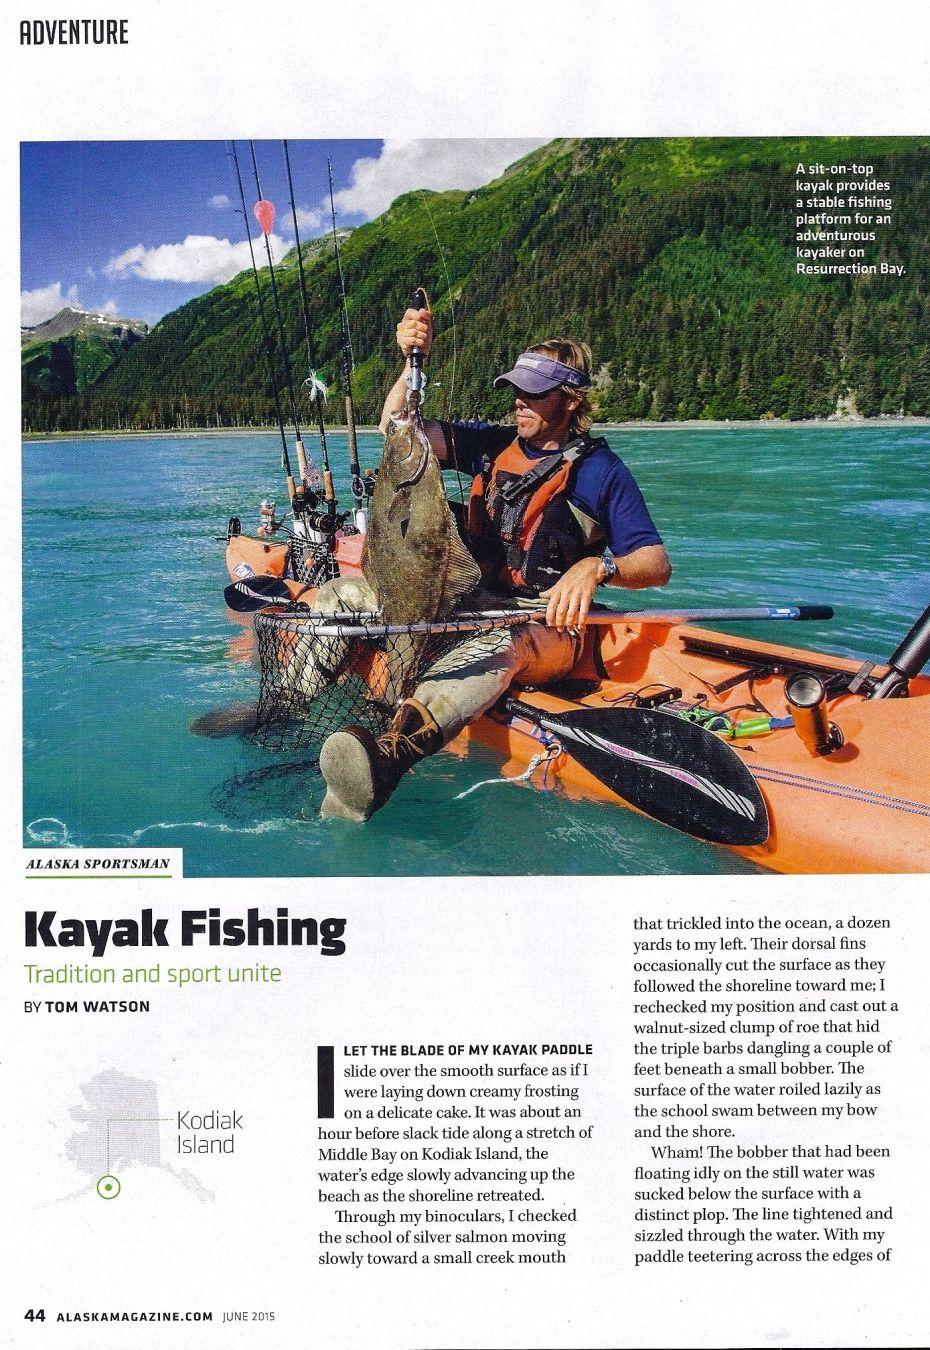 ARTICLE-KAYAK FISHING-1